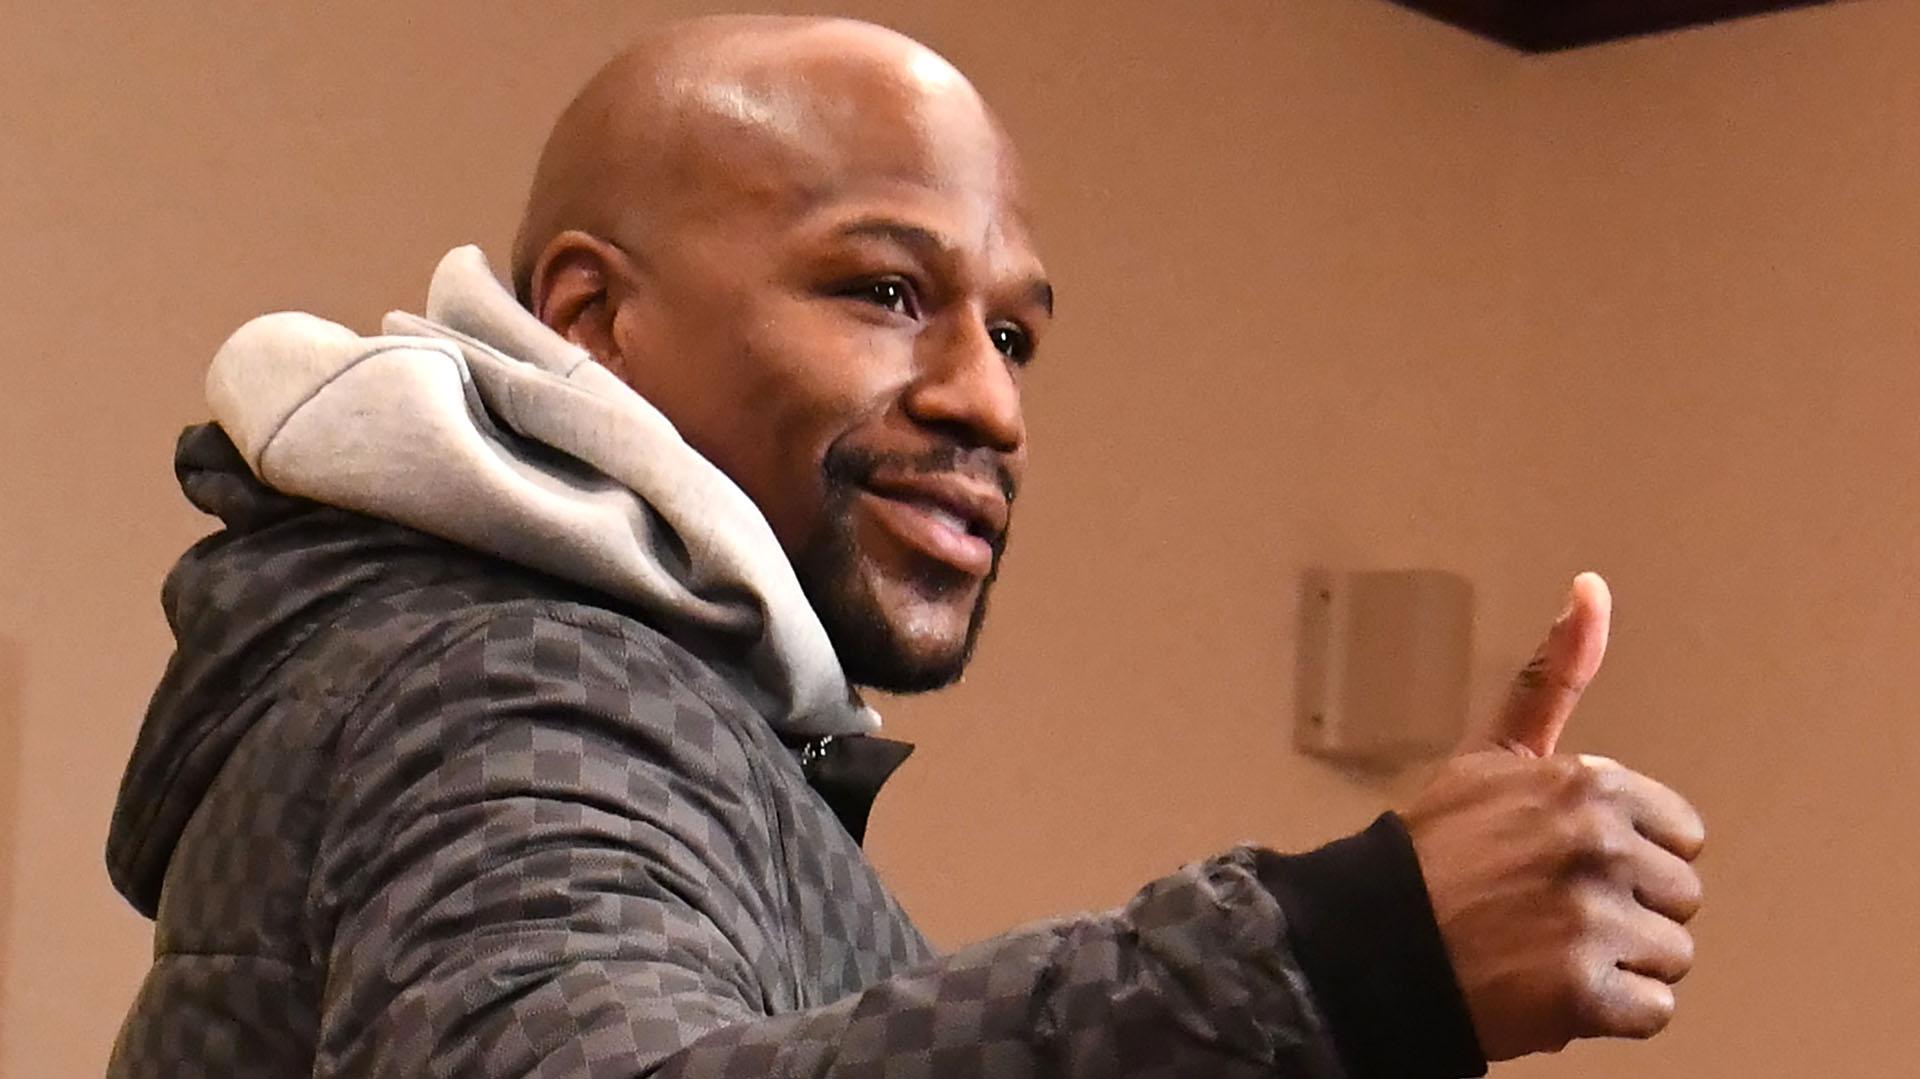 El ex boxeador posee más de 100 autos de lujo (Foto: AFP)